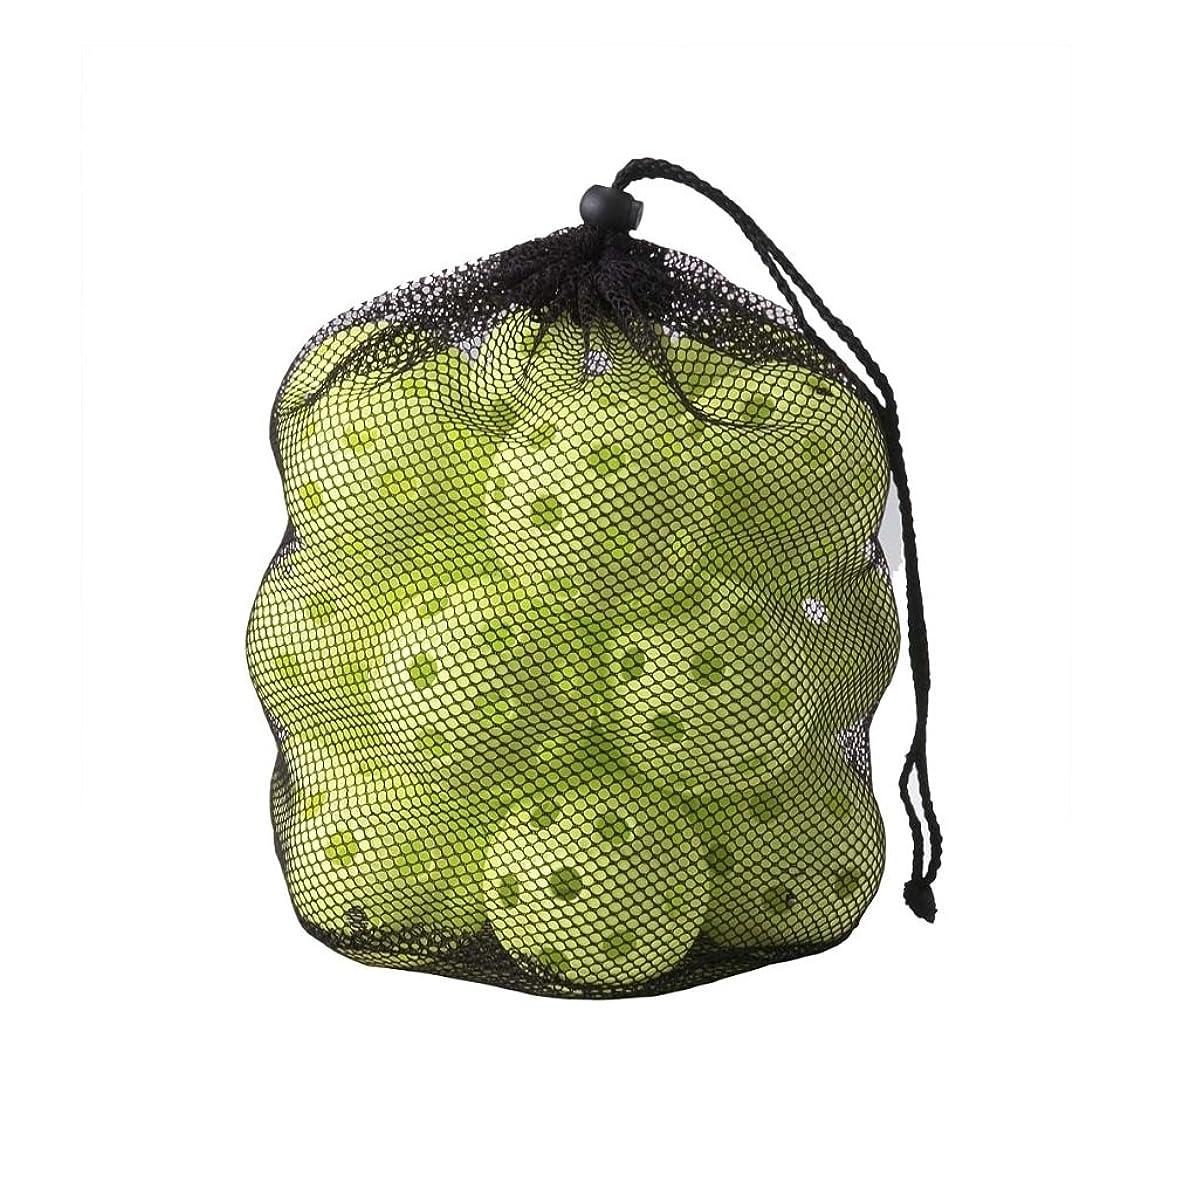 位置づける迷信騒バッティング練習ボール(専用バッグ付き20個セット)